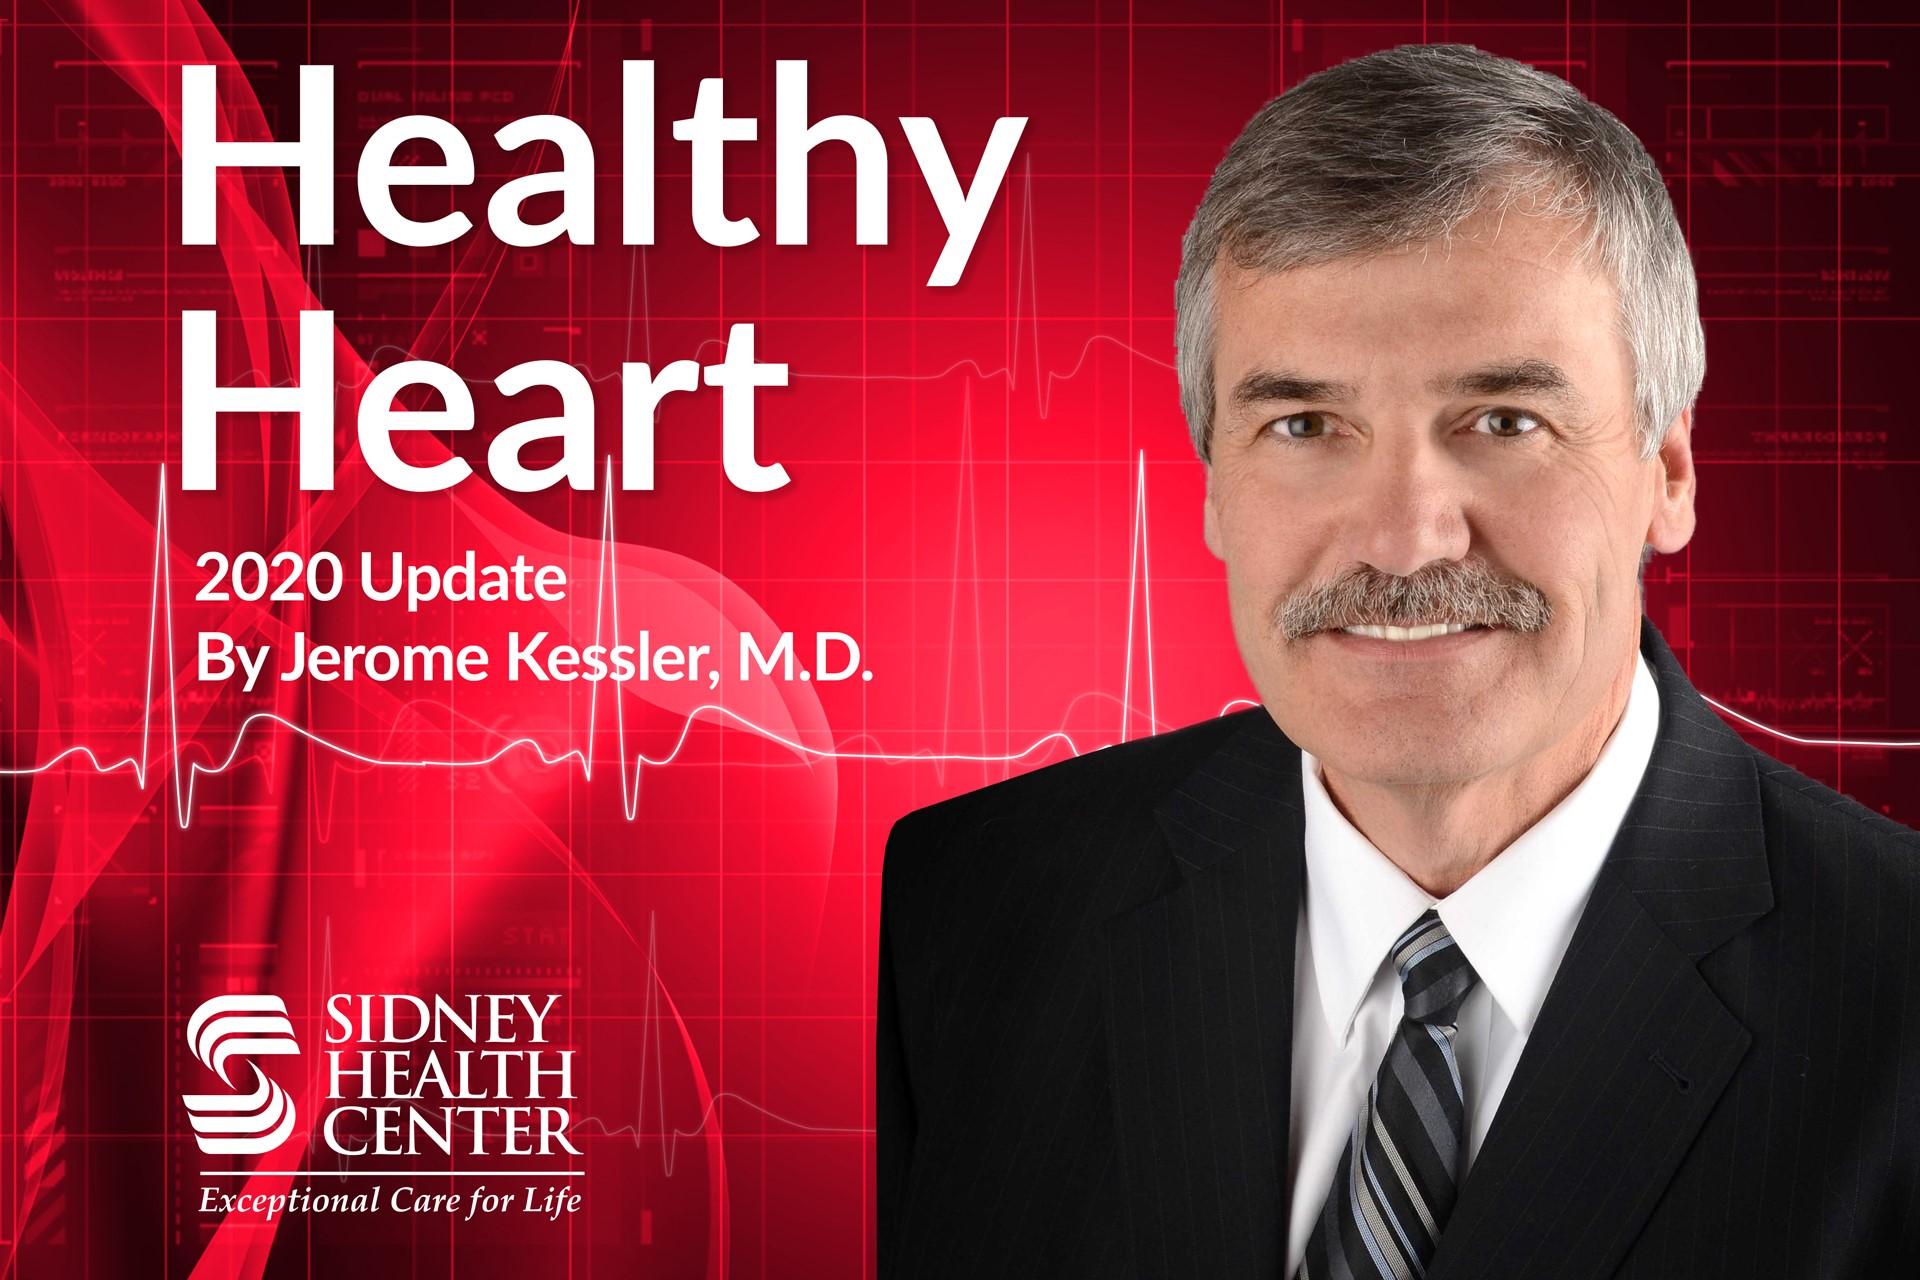 Healthy Heart – 2020 Update